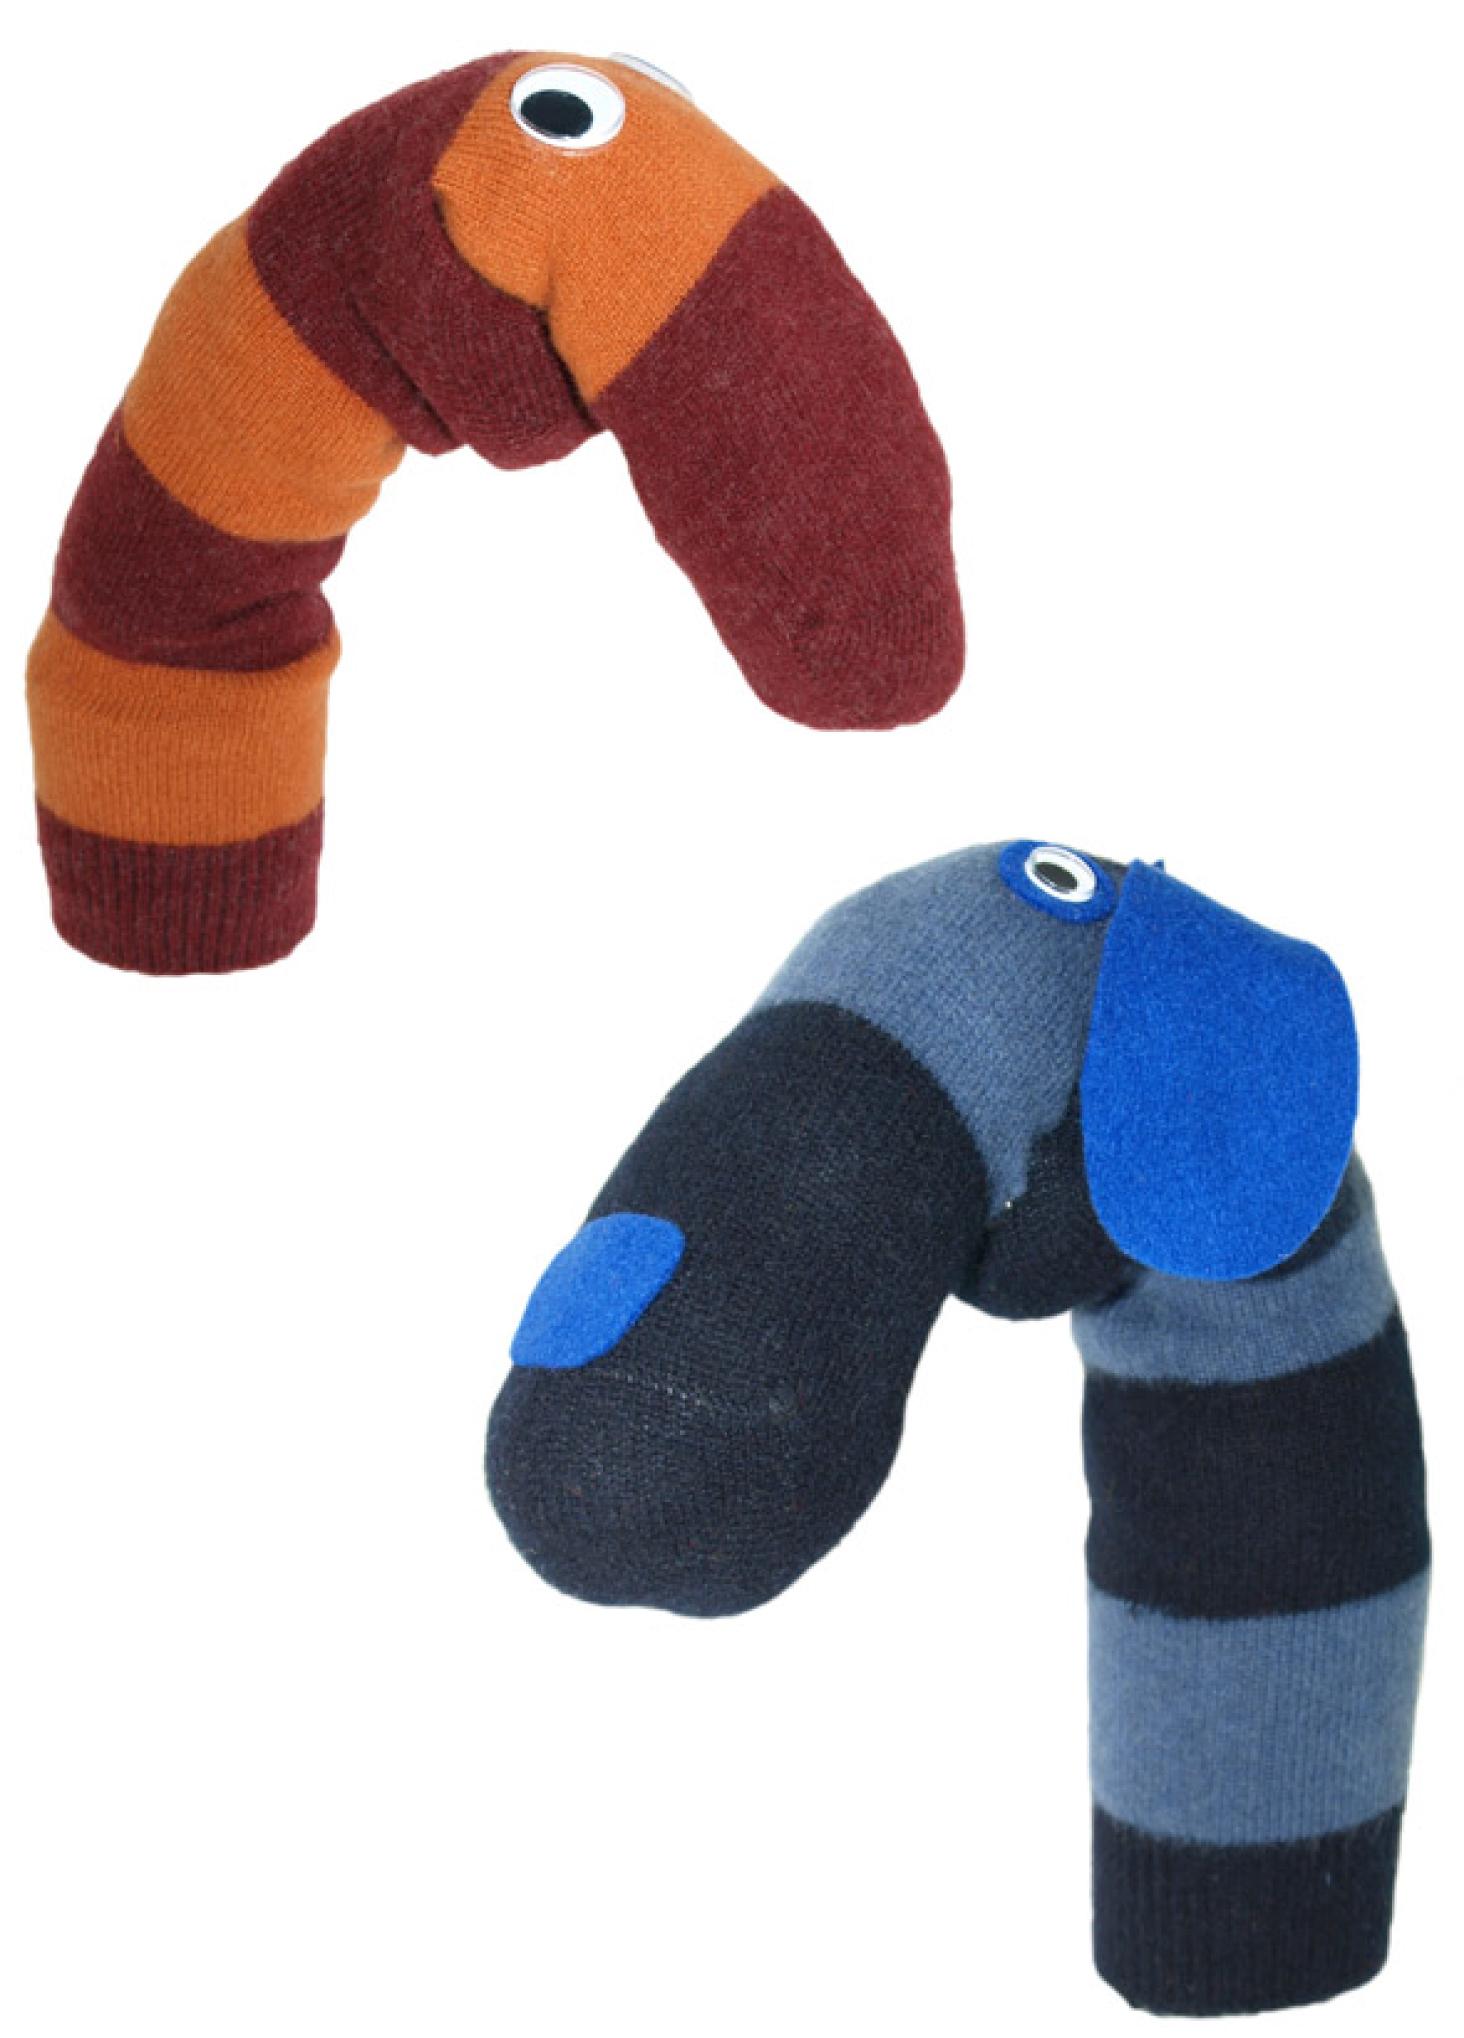 Mister Maker - Sock Puppets-0